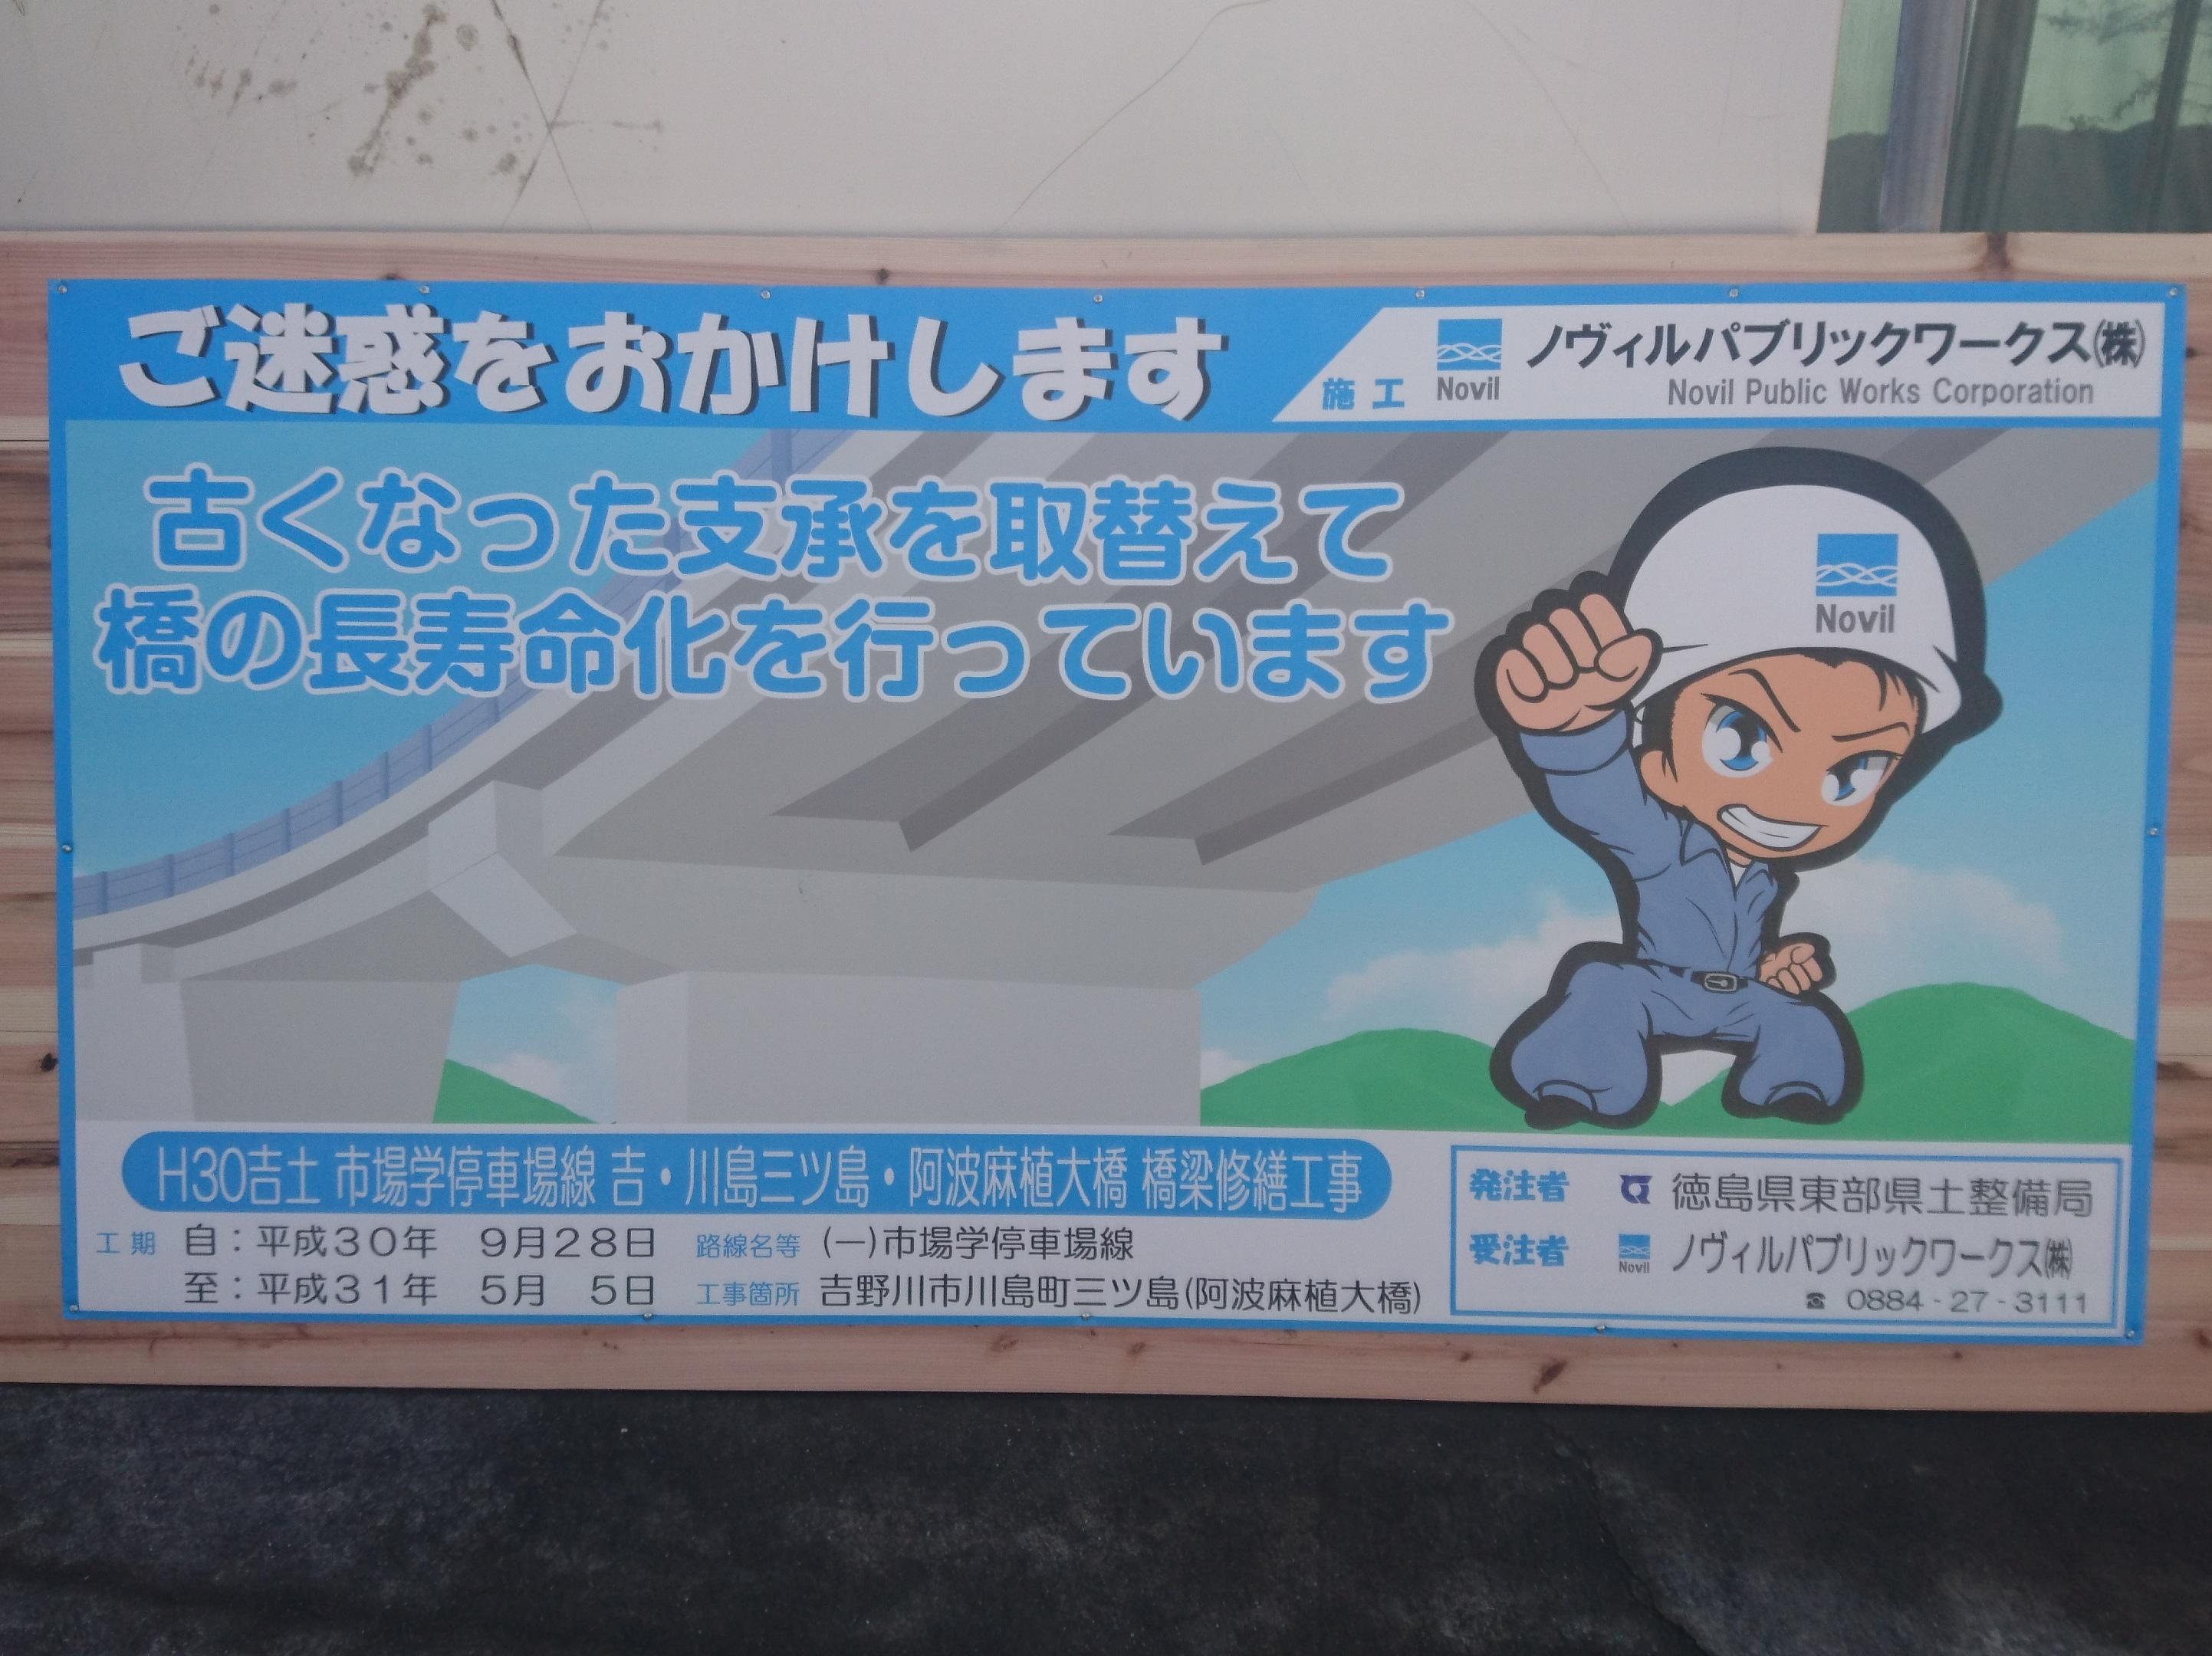 ノビイルパブリックワークス(株)